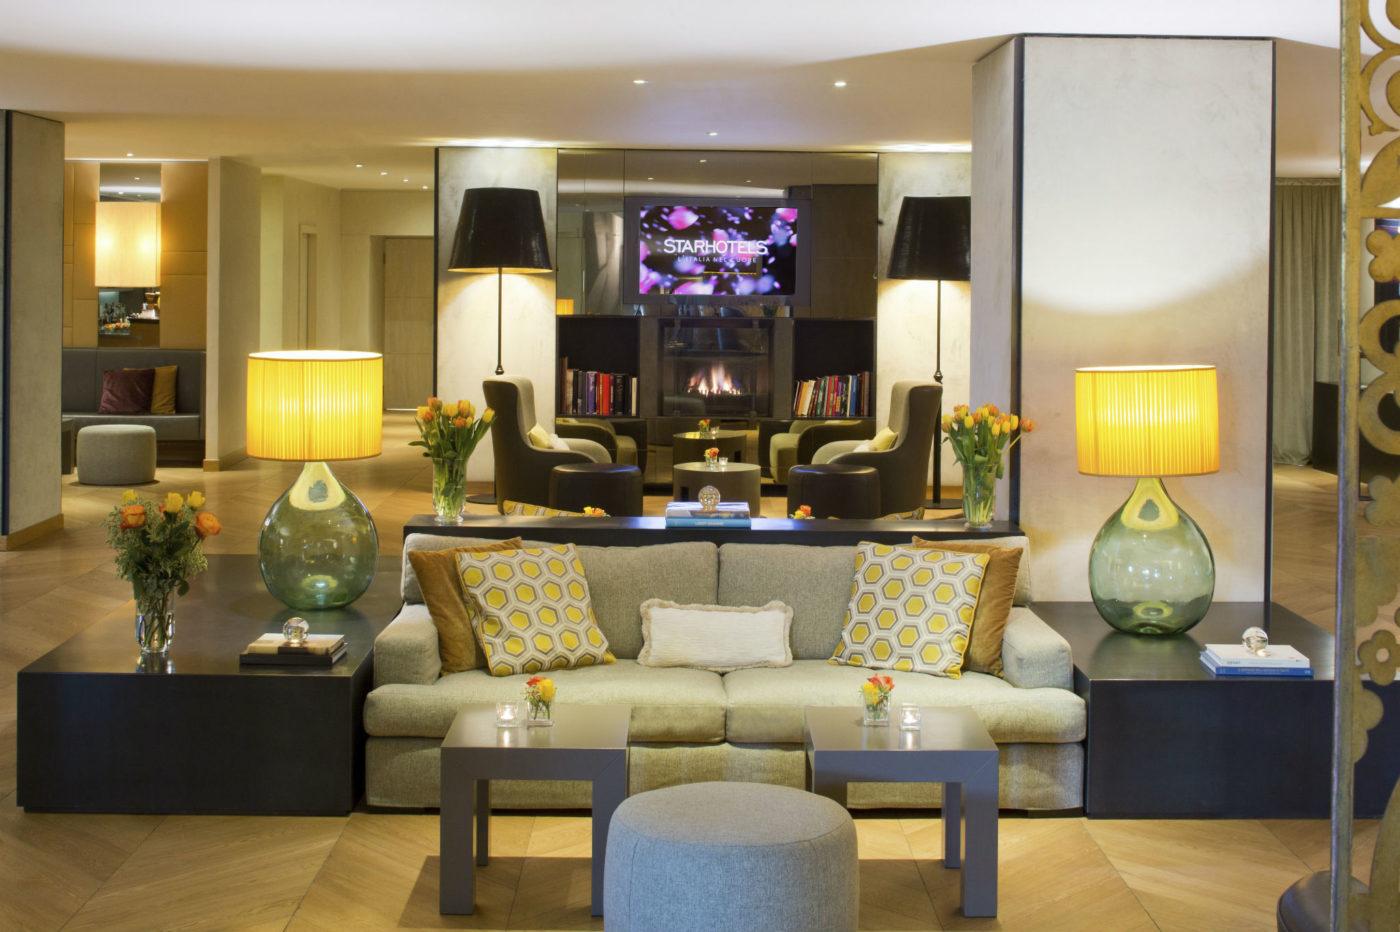 La lobby dello Starhotels Michelangelo di Firenze